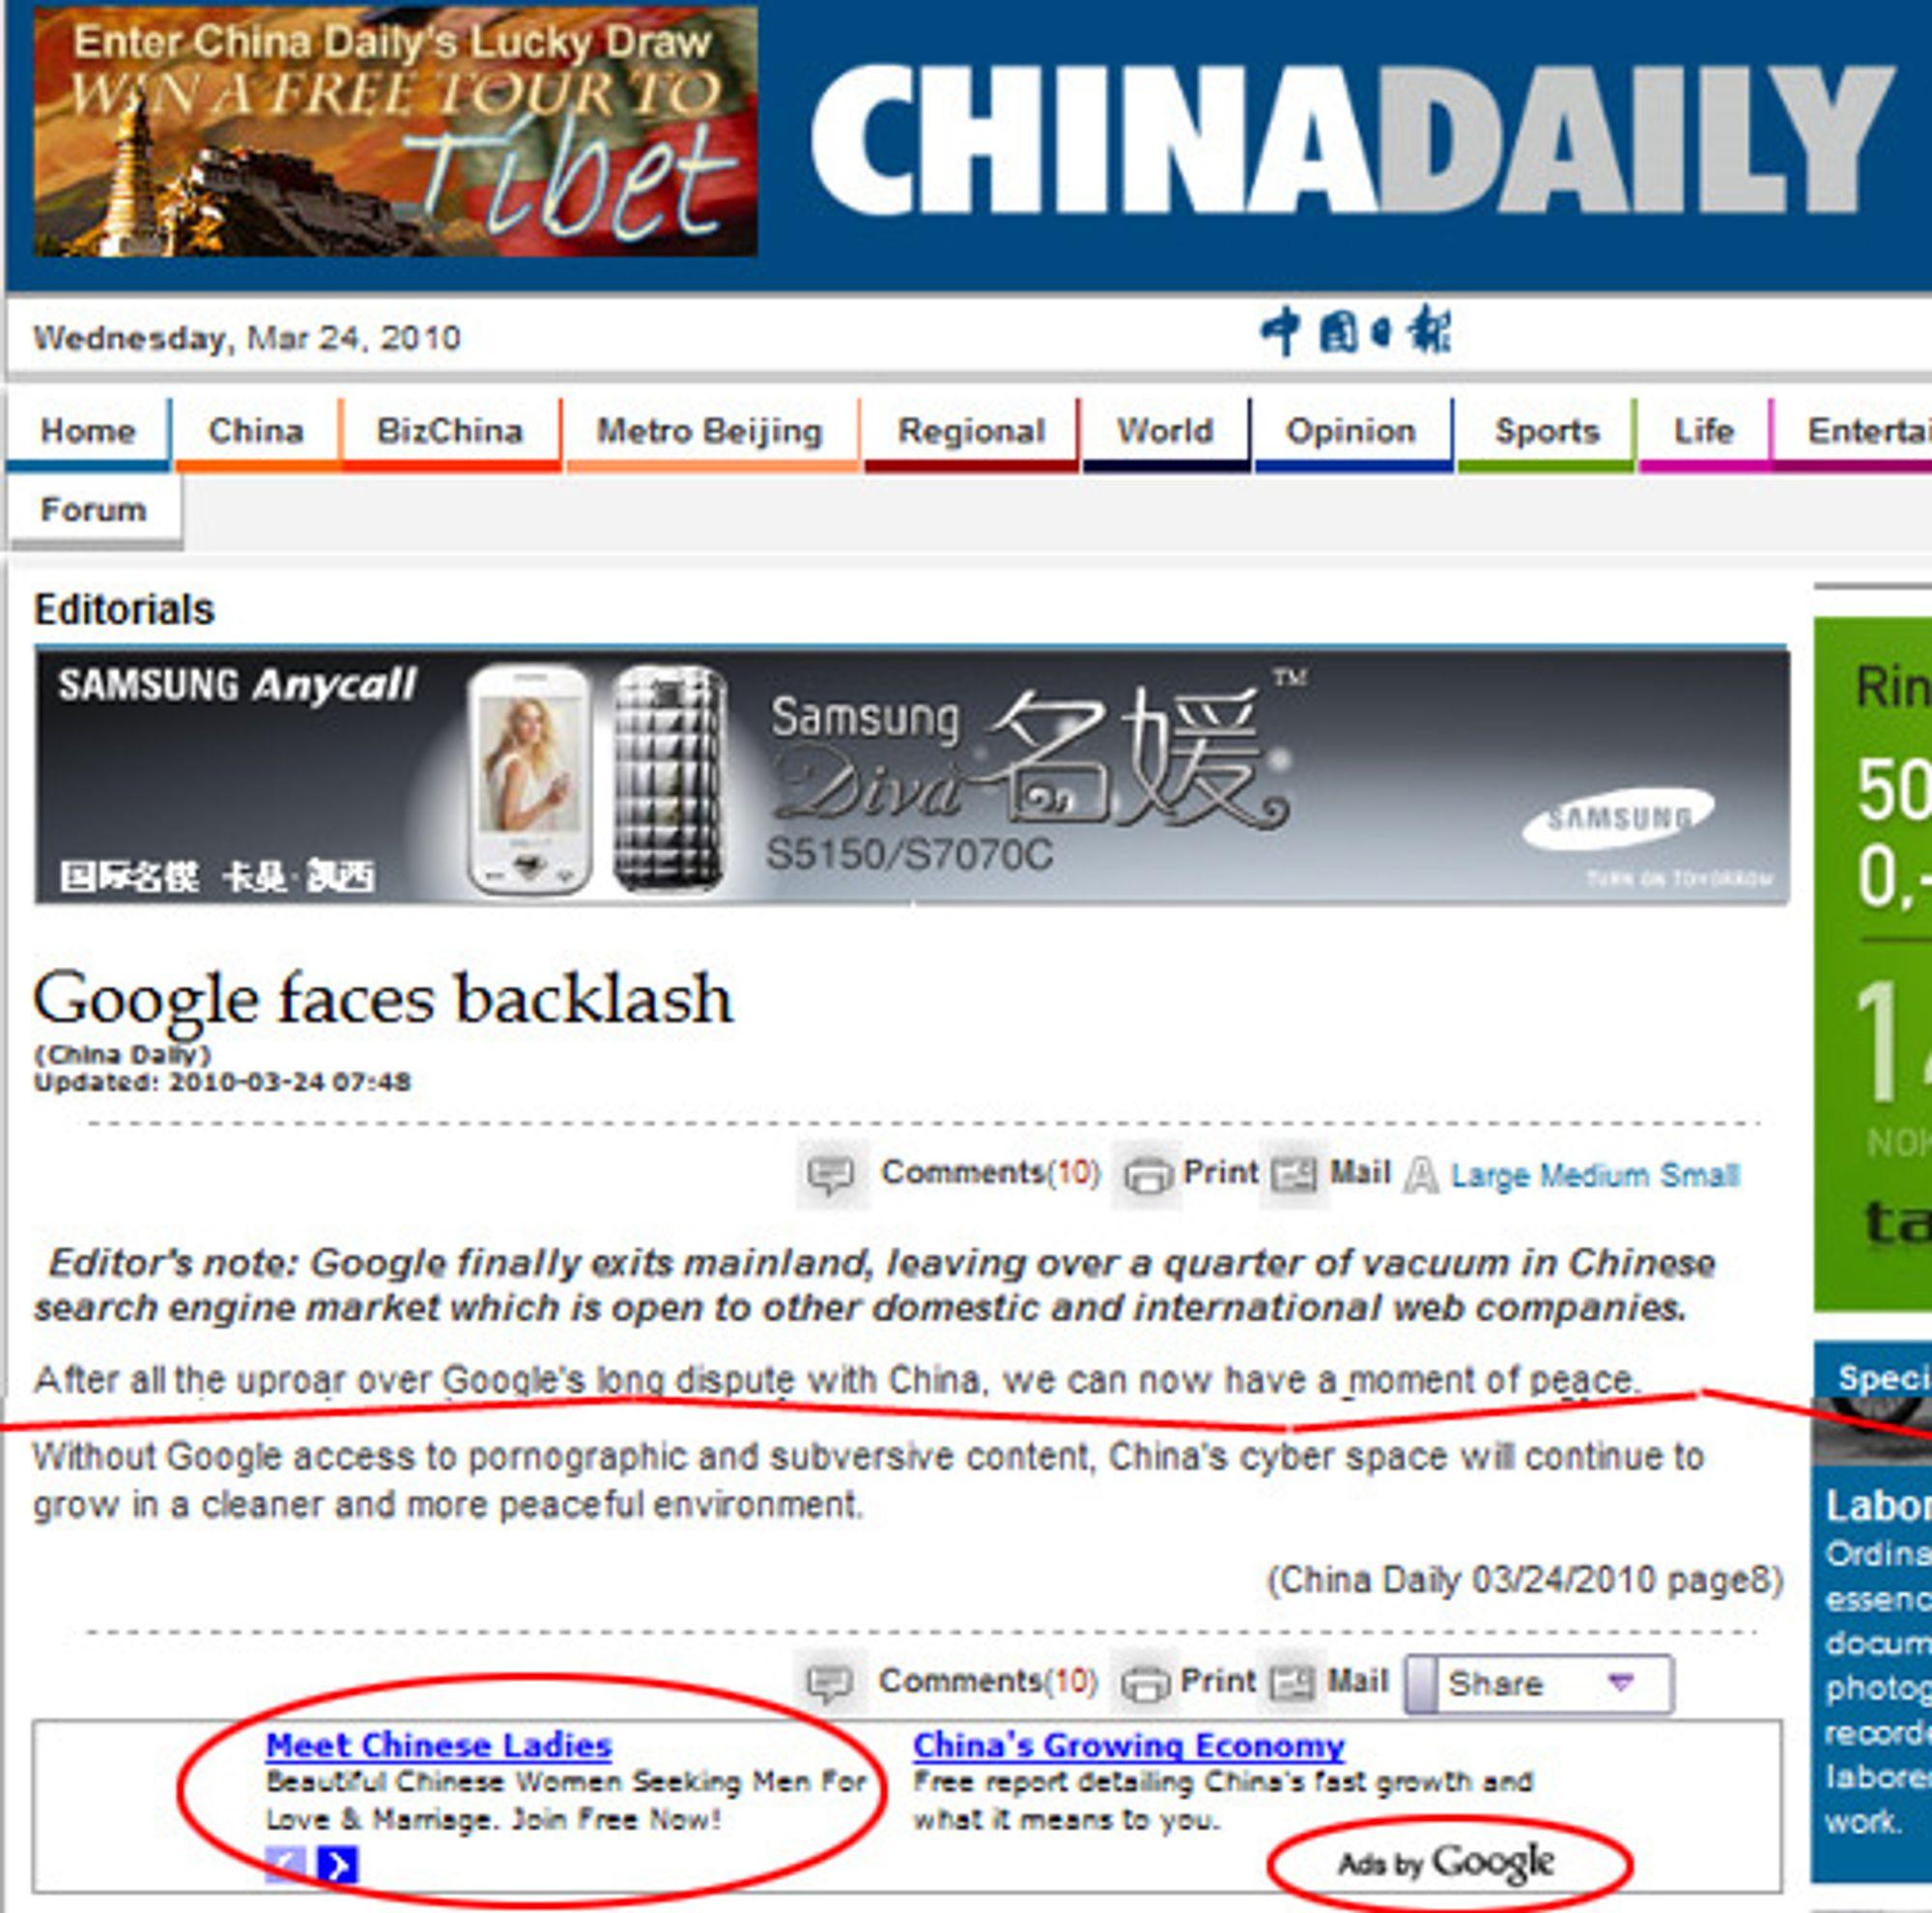 Det offisielle talerøret China Daily gleder seg over mindre pornografi når Google legger ned søketjenesten, samtidig som de gjerne kjører Google-annonser med et kanskje tvilsomt budskap.